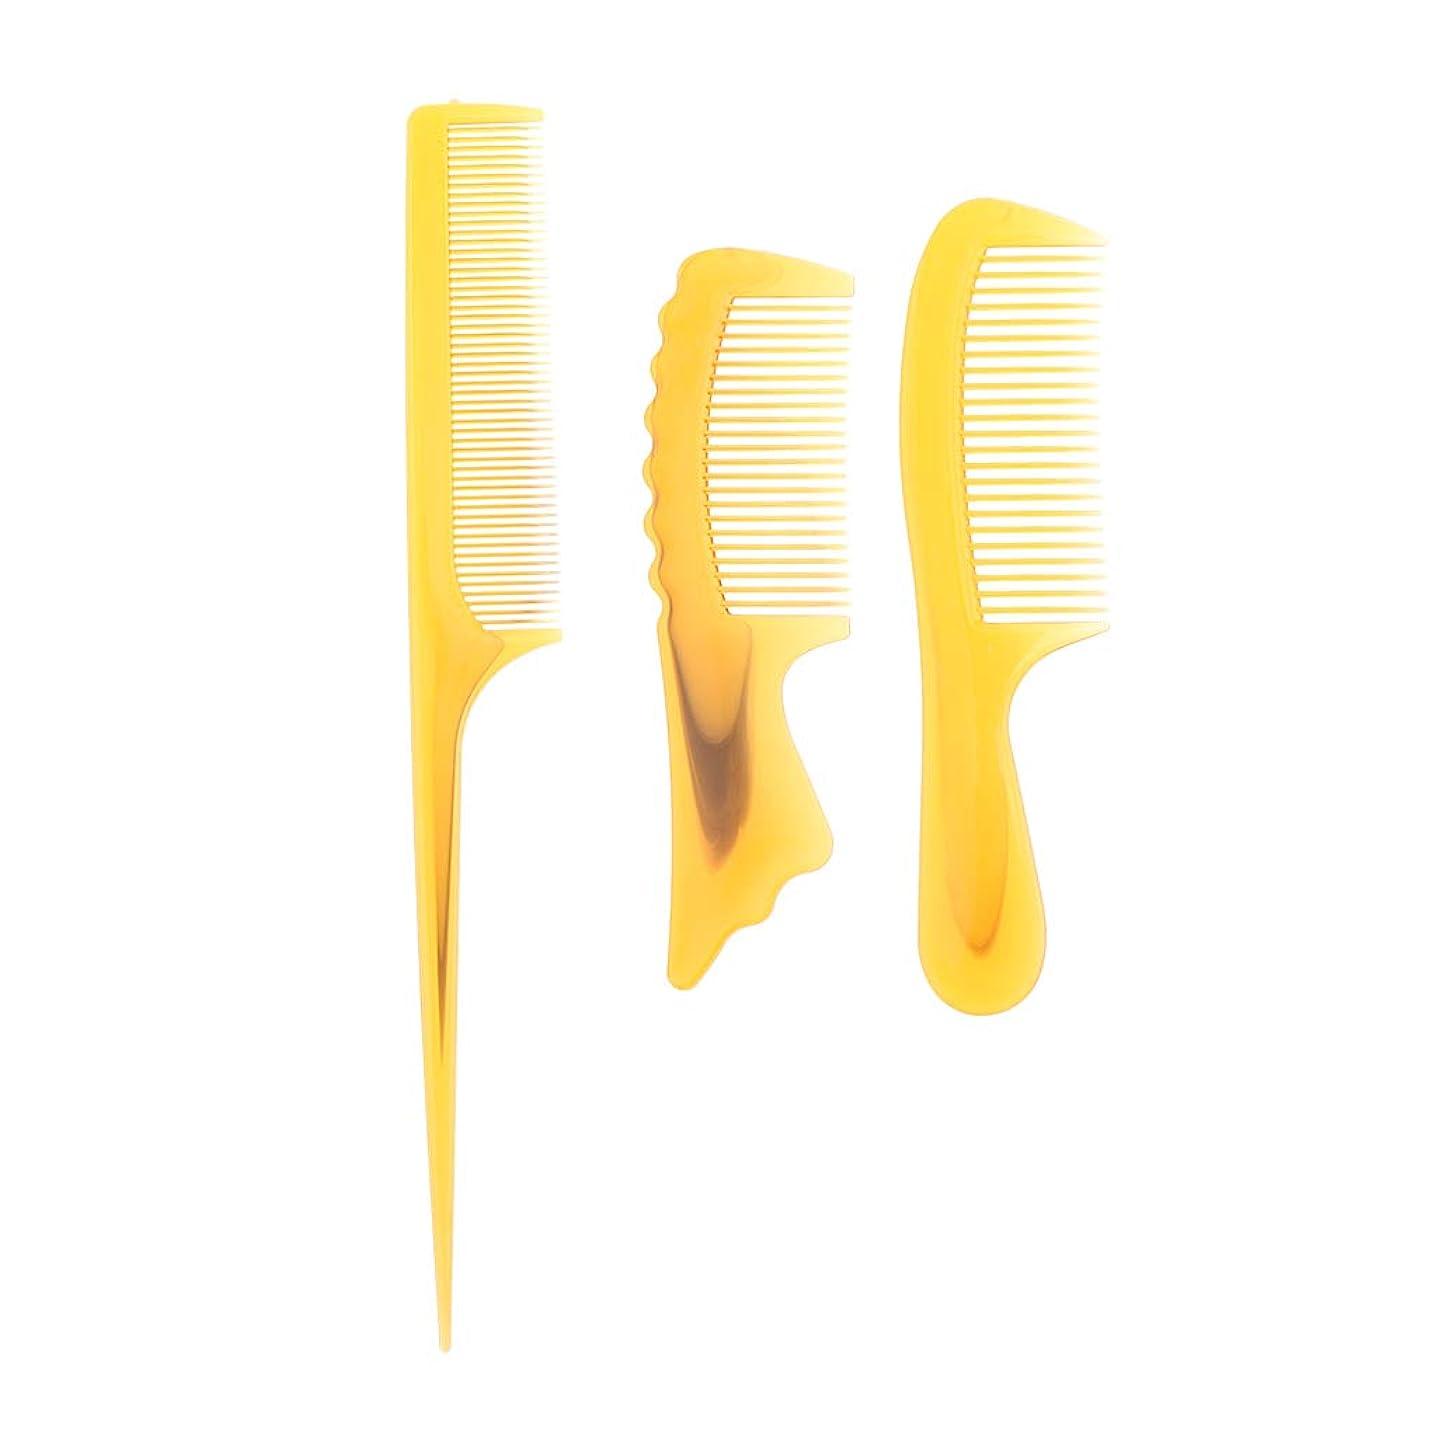 やむを得ない失敗切るB Baosity 3個 ヘアコーム 静電防止櫛 コーム 理髪 美容師 ヘアケア